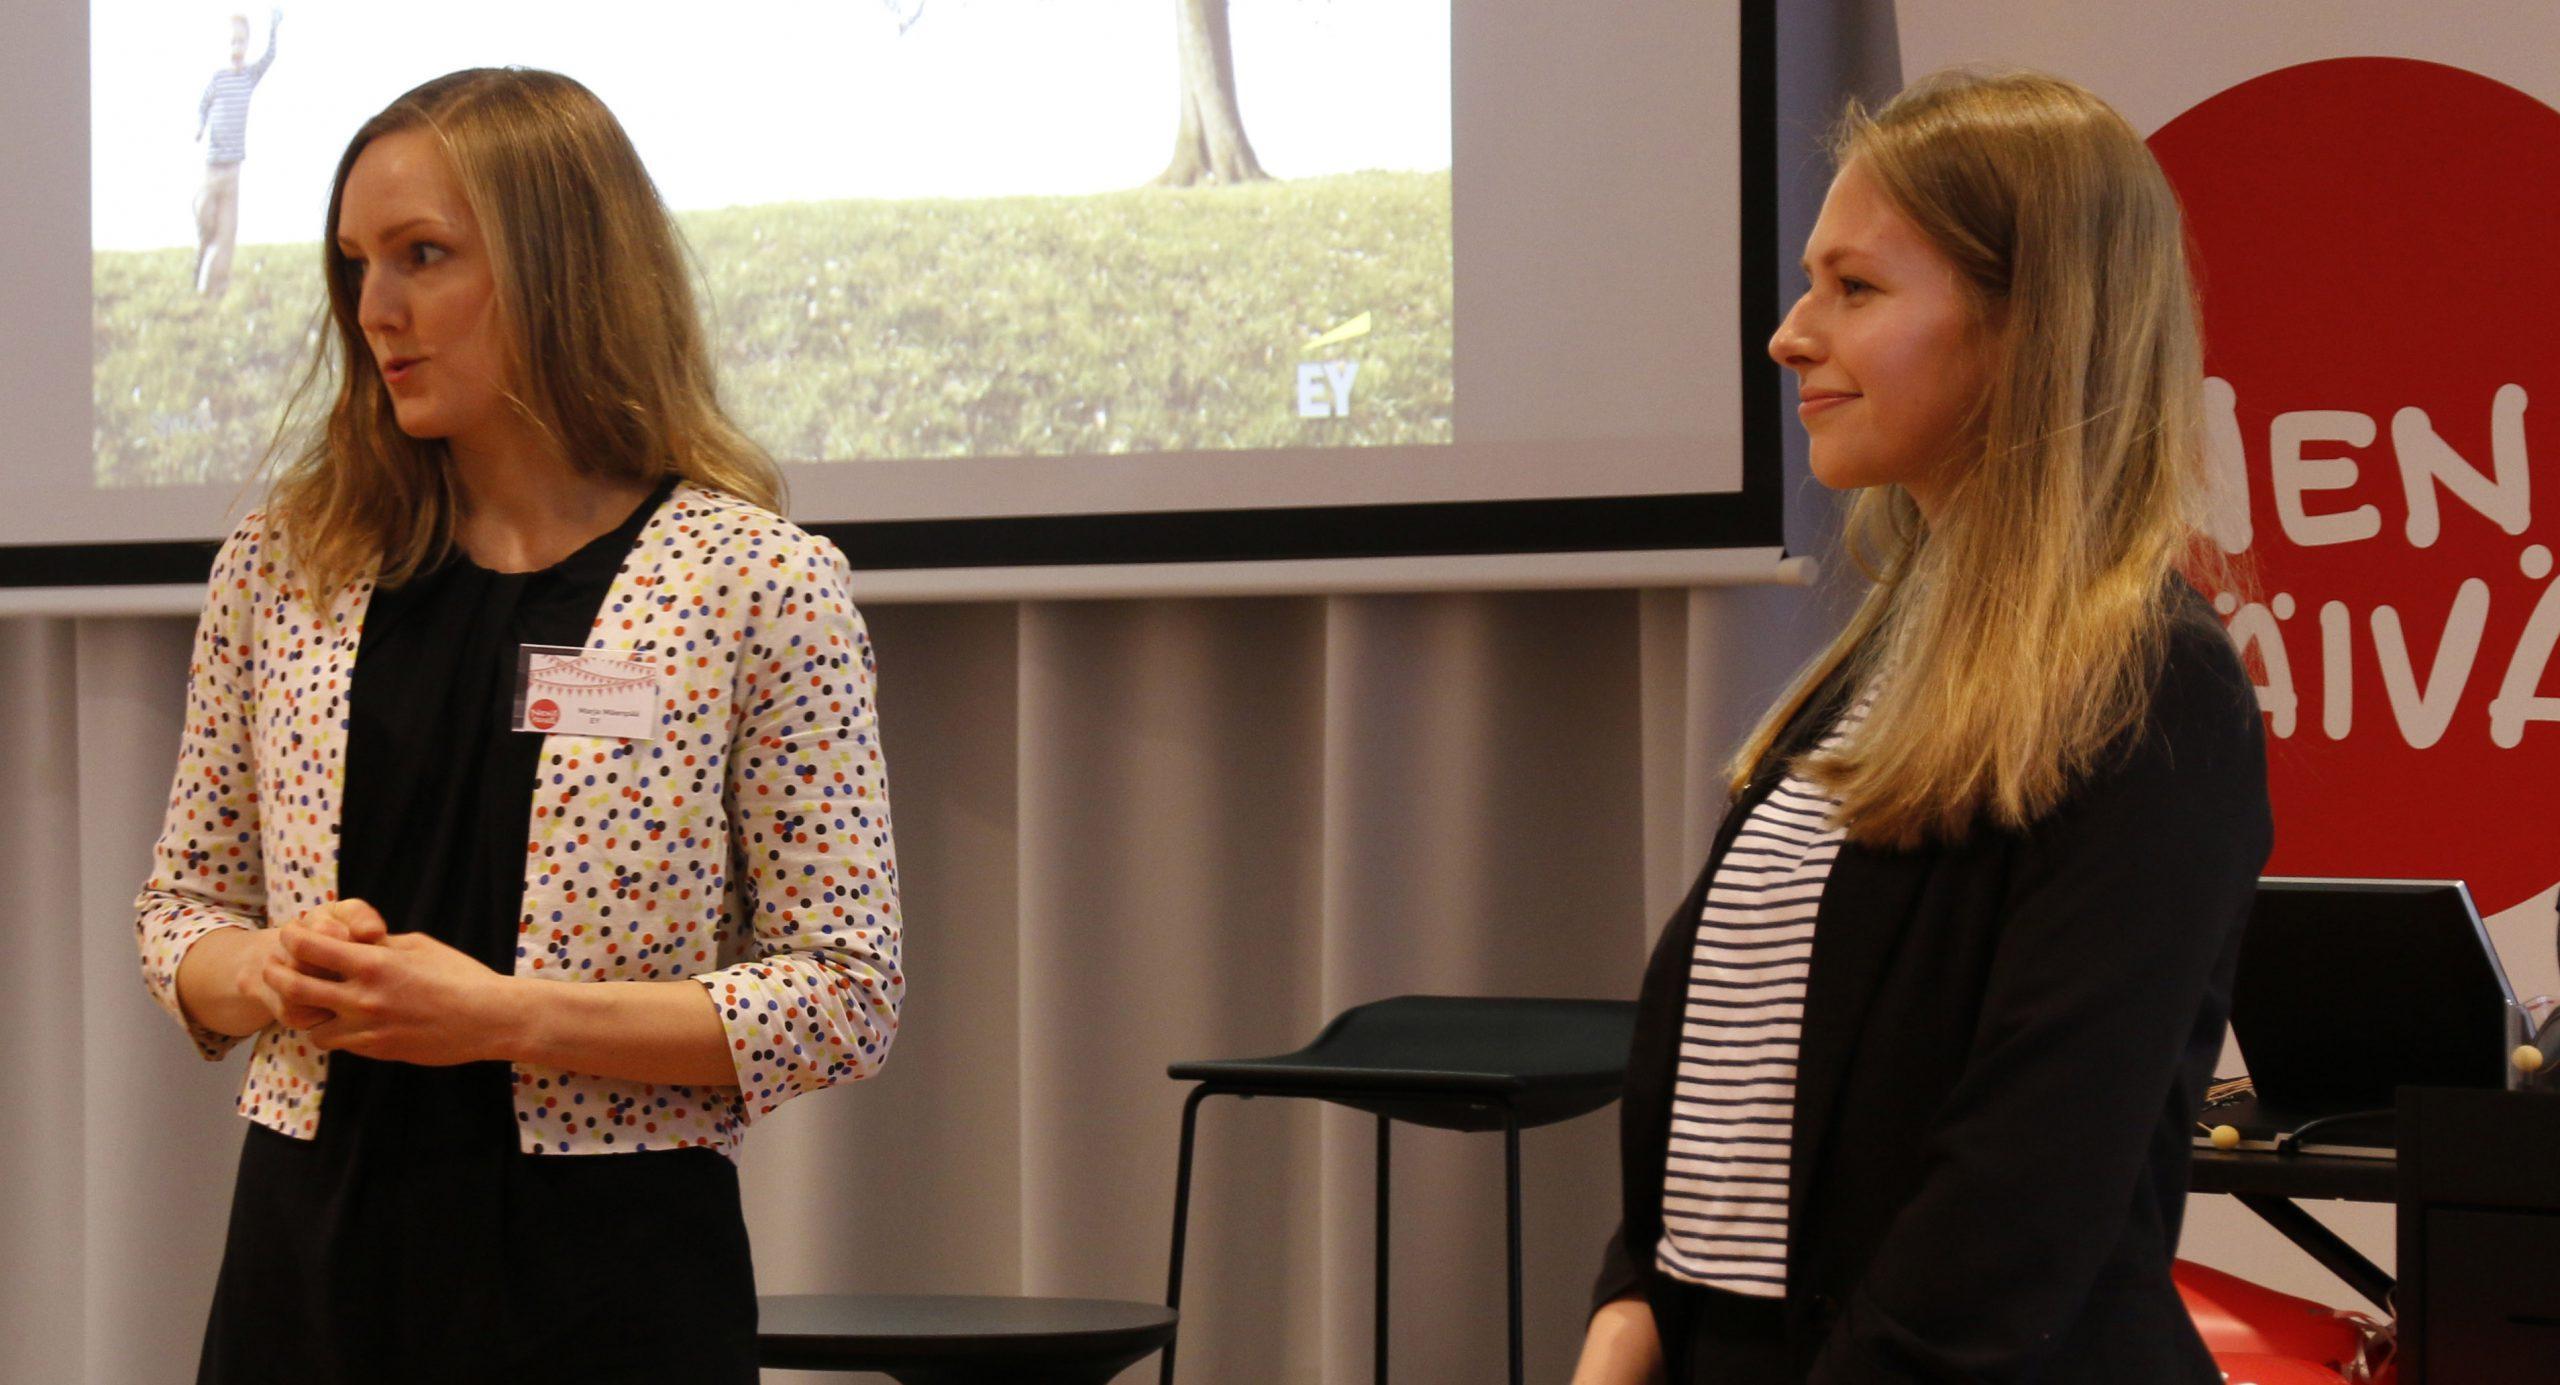 EY:n konsultit Marja Mäenpää ja Emmy Simmons esittelivät selvityksen tuloksia kevään NenäNetworkissä.